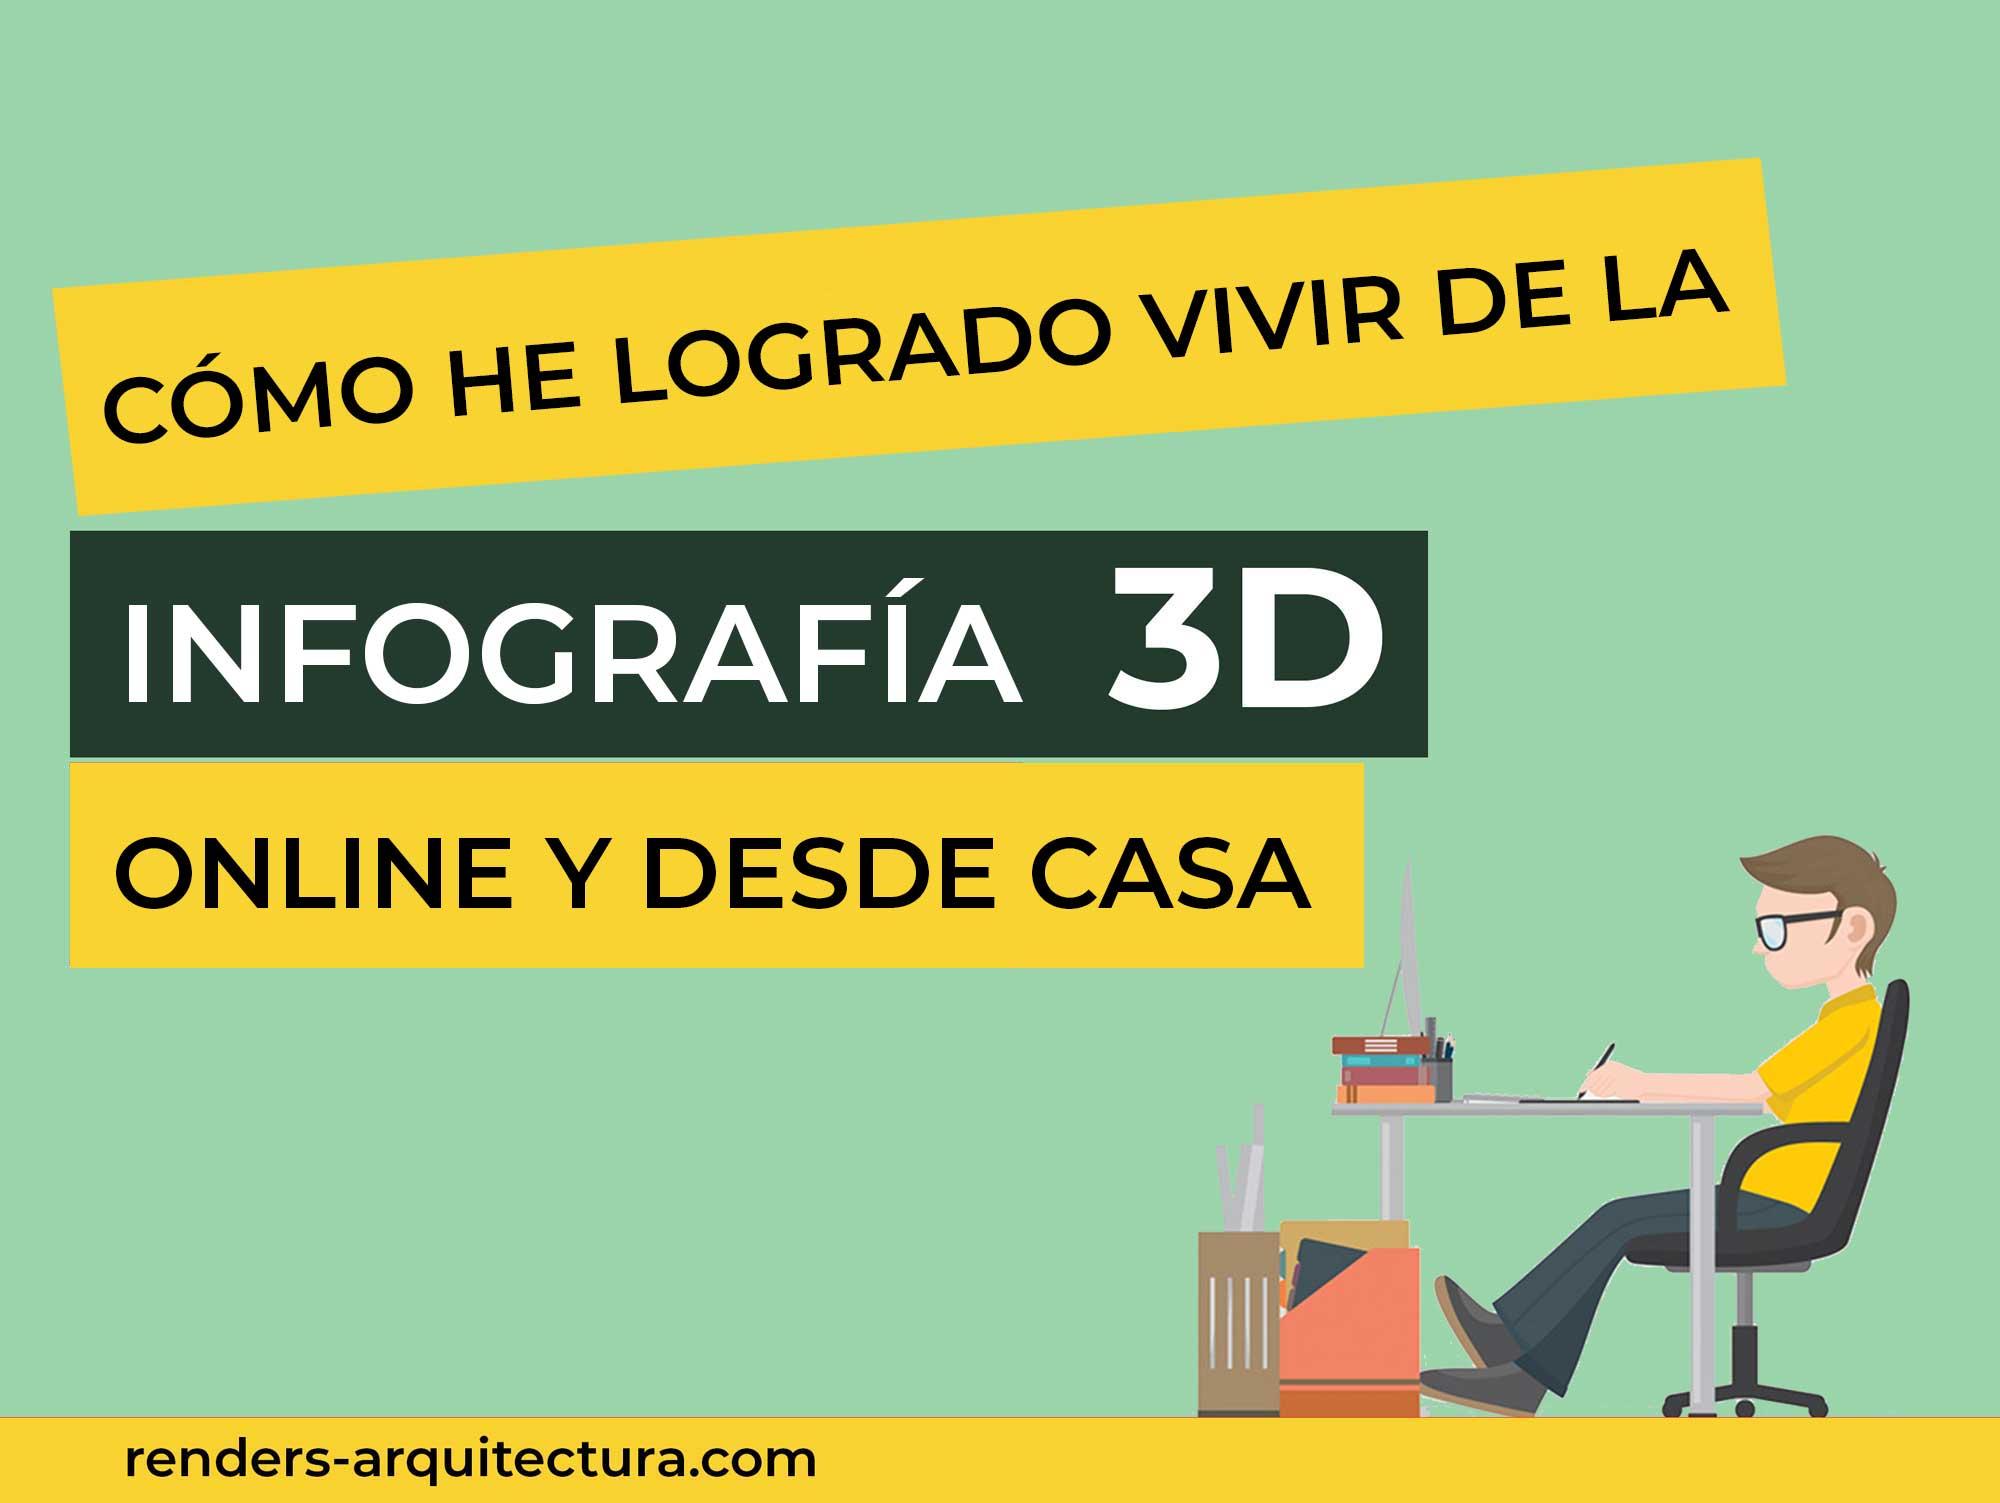 Cómo he logrado vivir de la infografía 3D Online